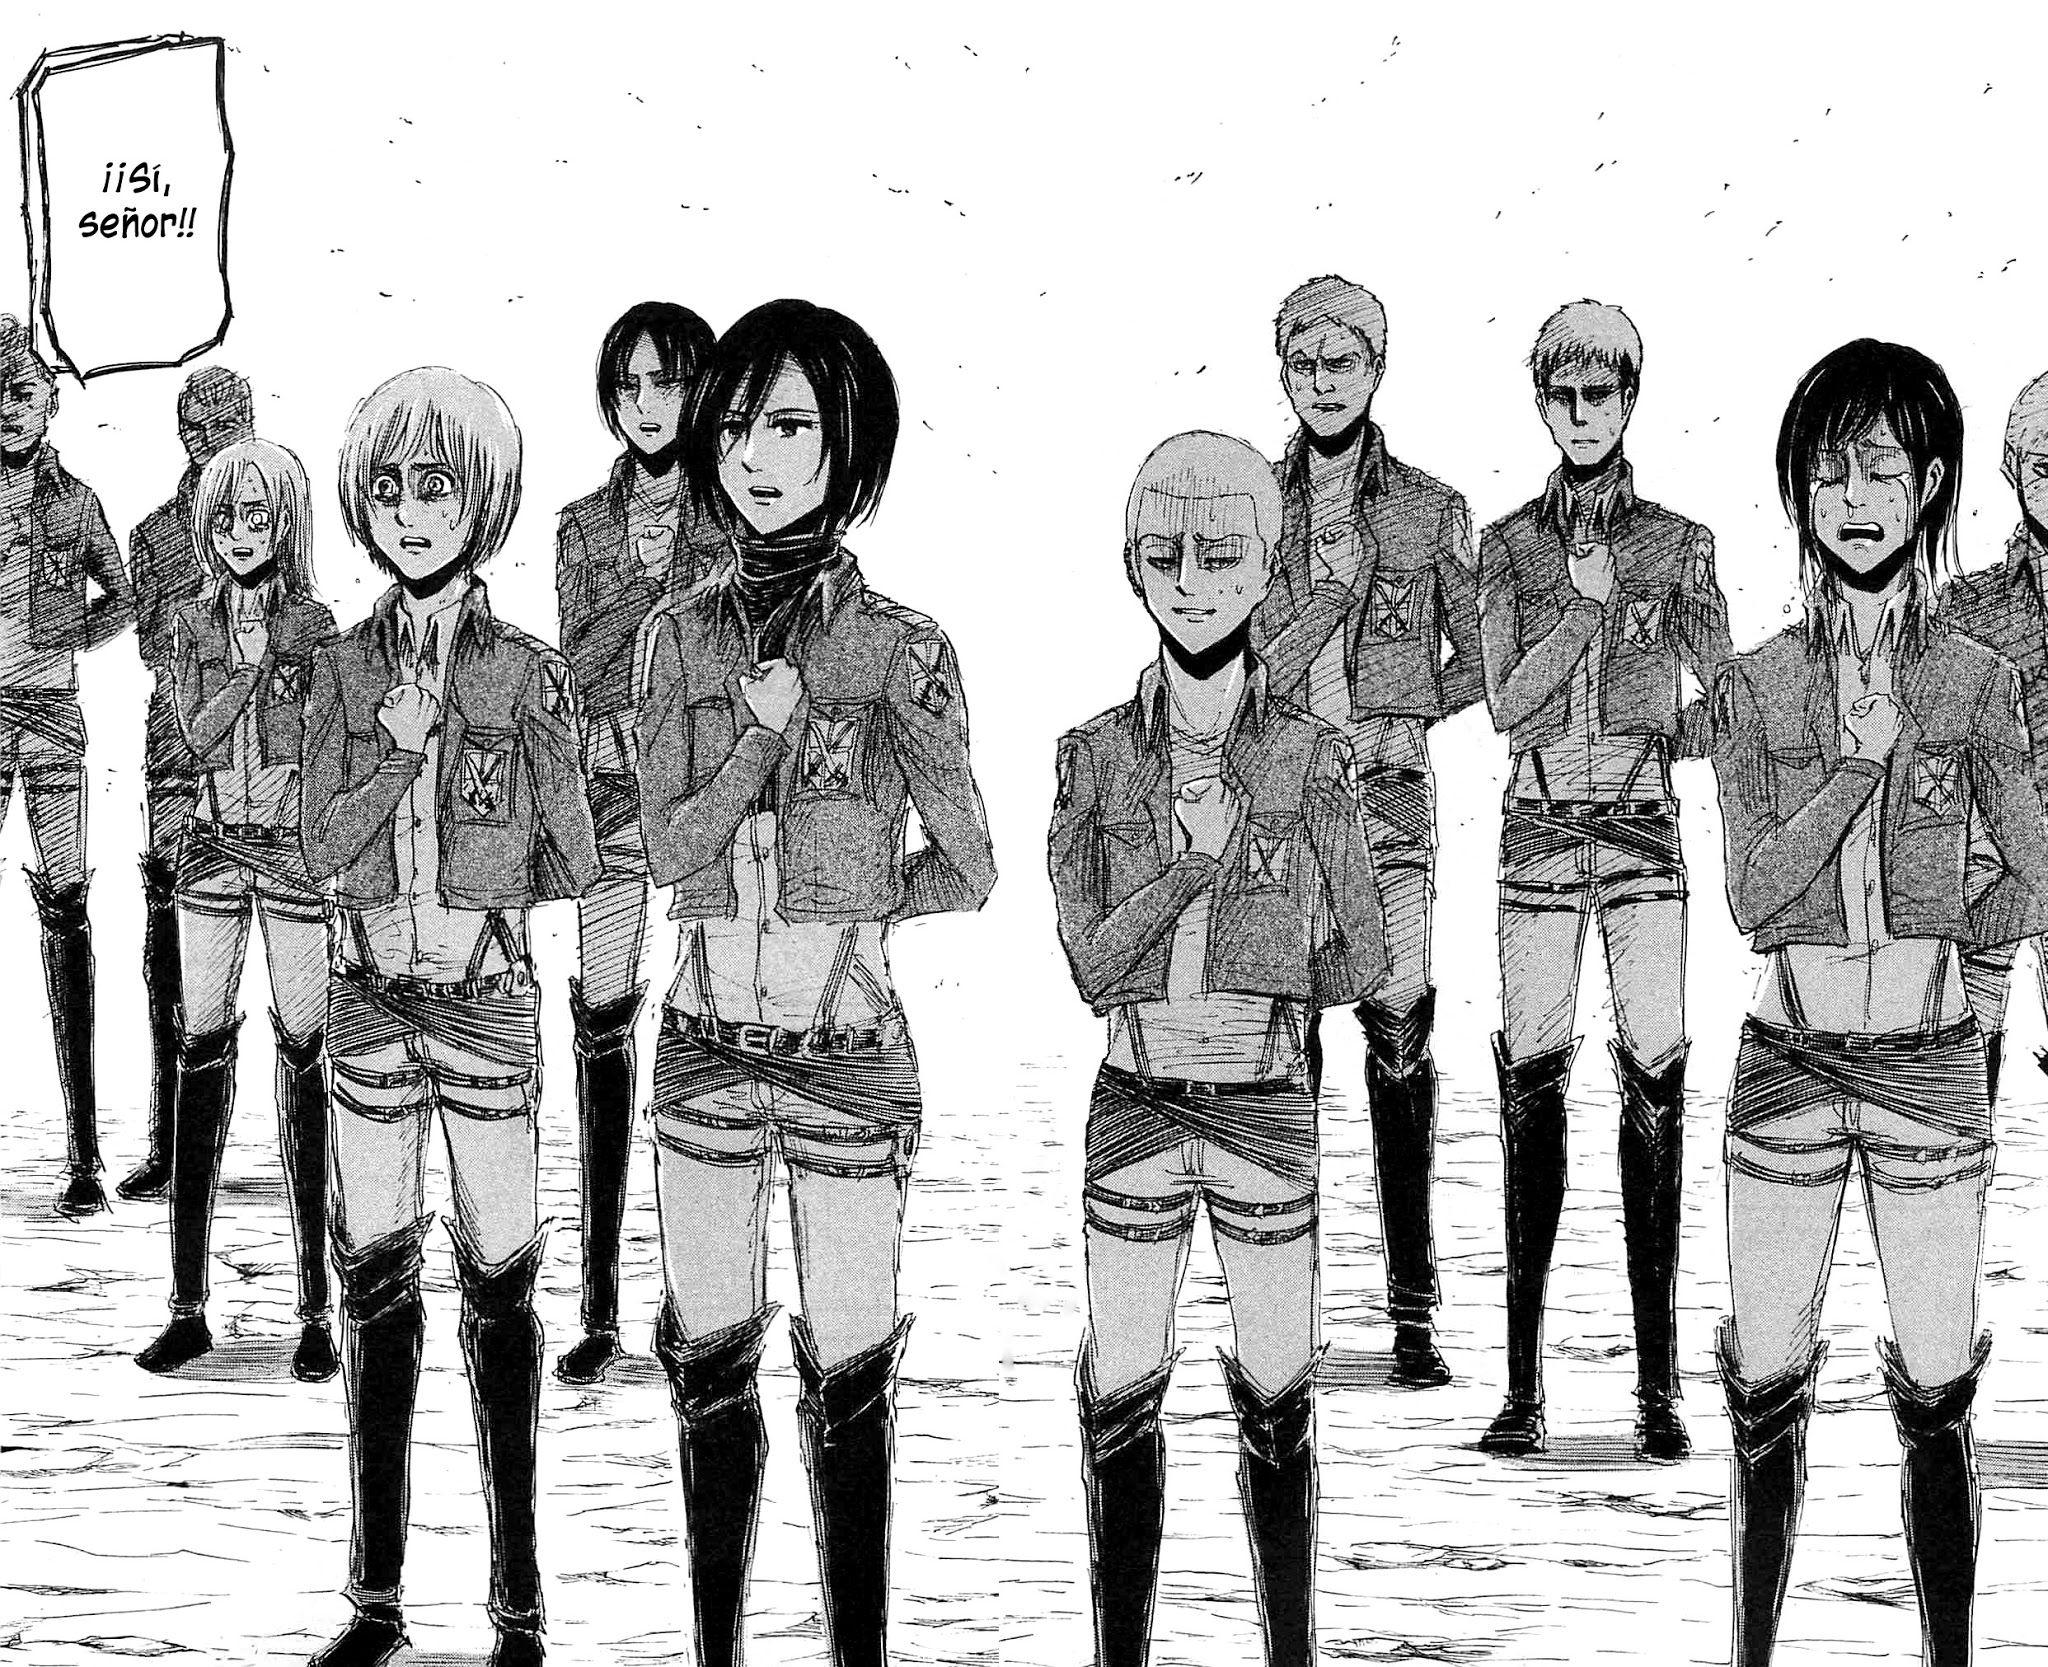 Shingeki no Kyojin 21 | Attack on titan, Tsundere girl ...